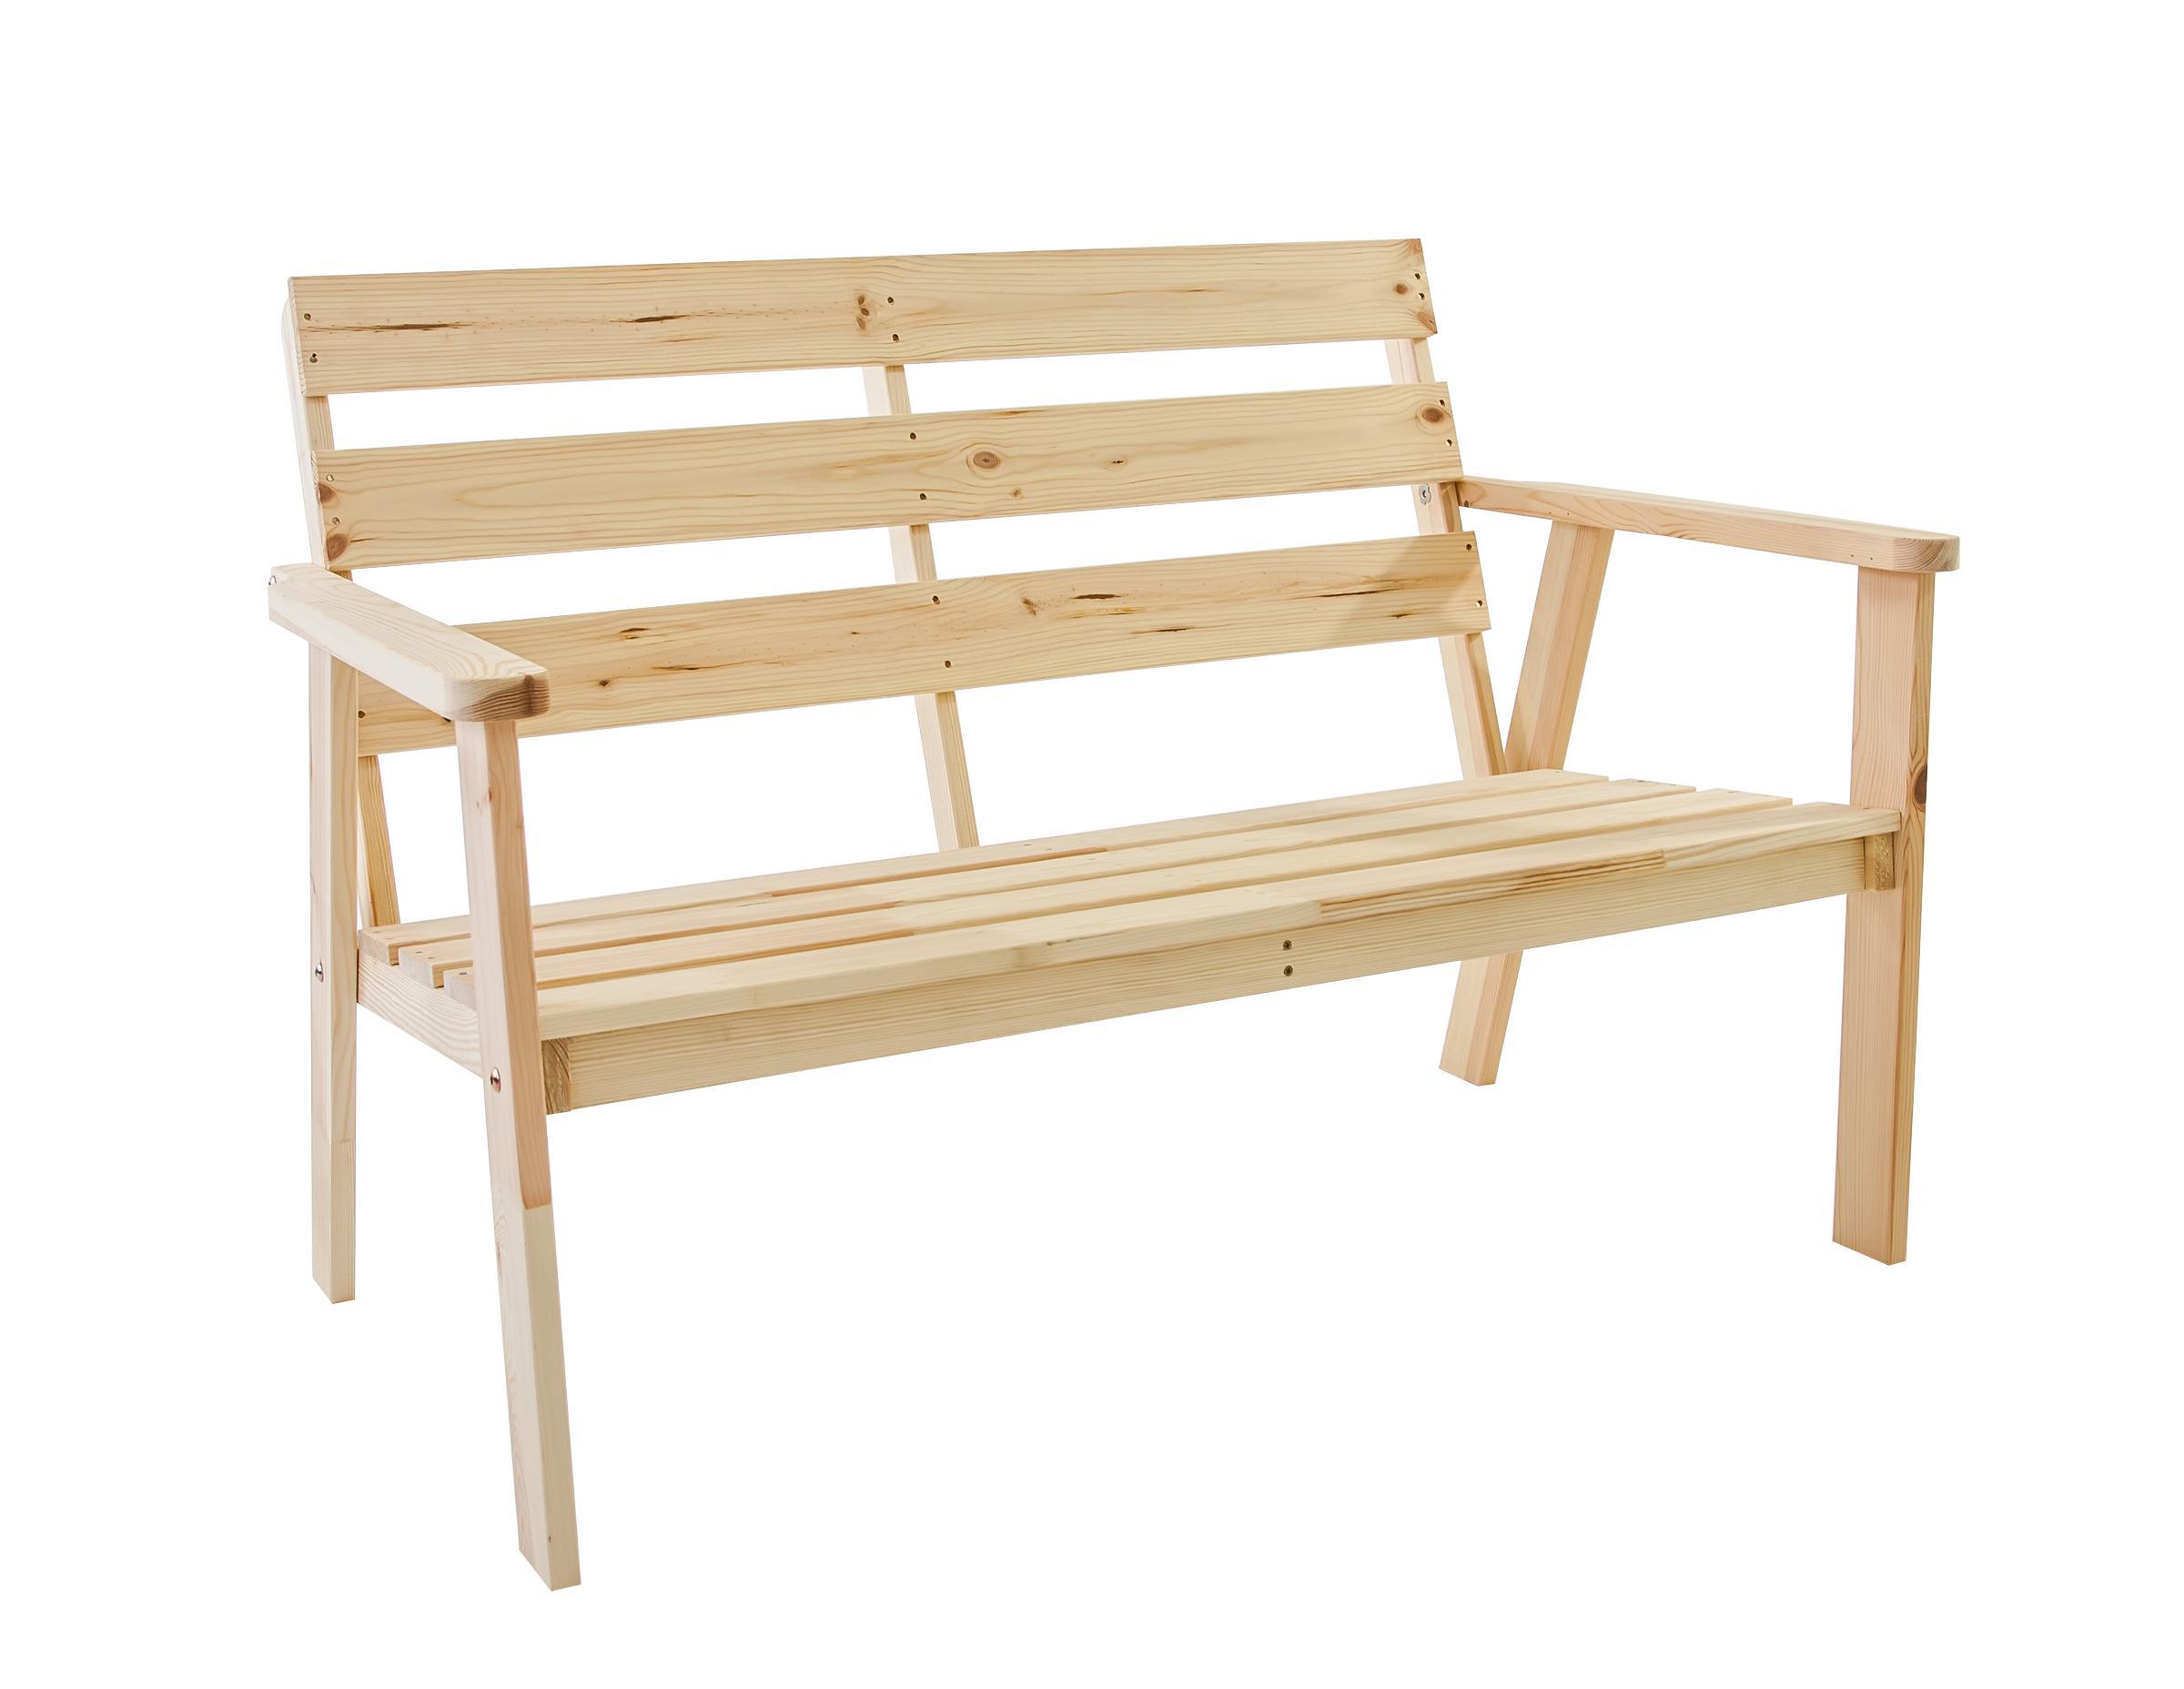 gartenmobel holz unbehandelt. Black Bedroom Furniture Sets. Home Design Ideas